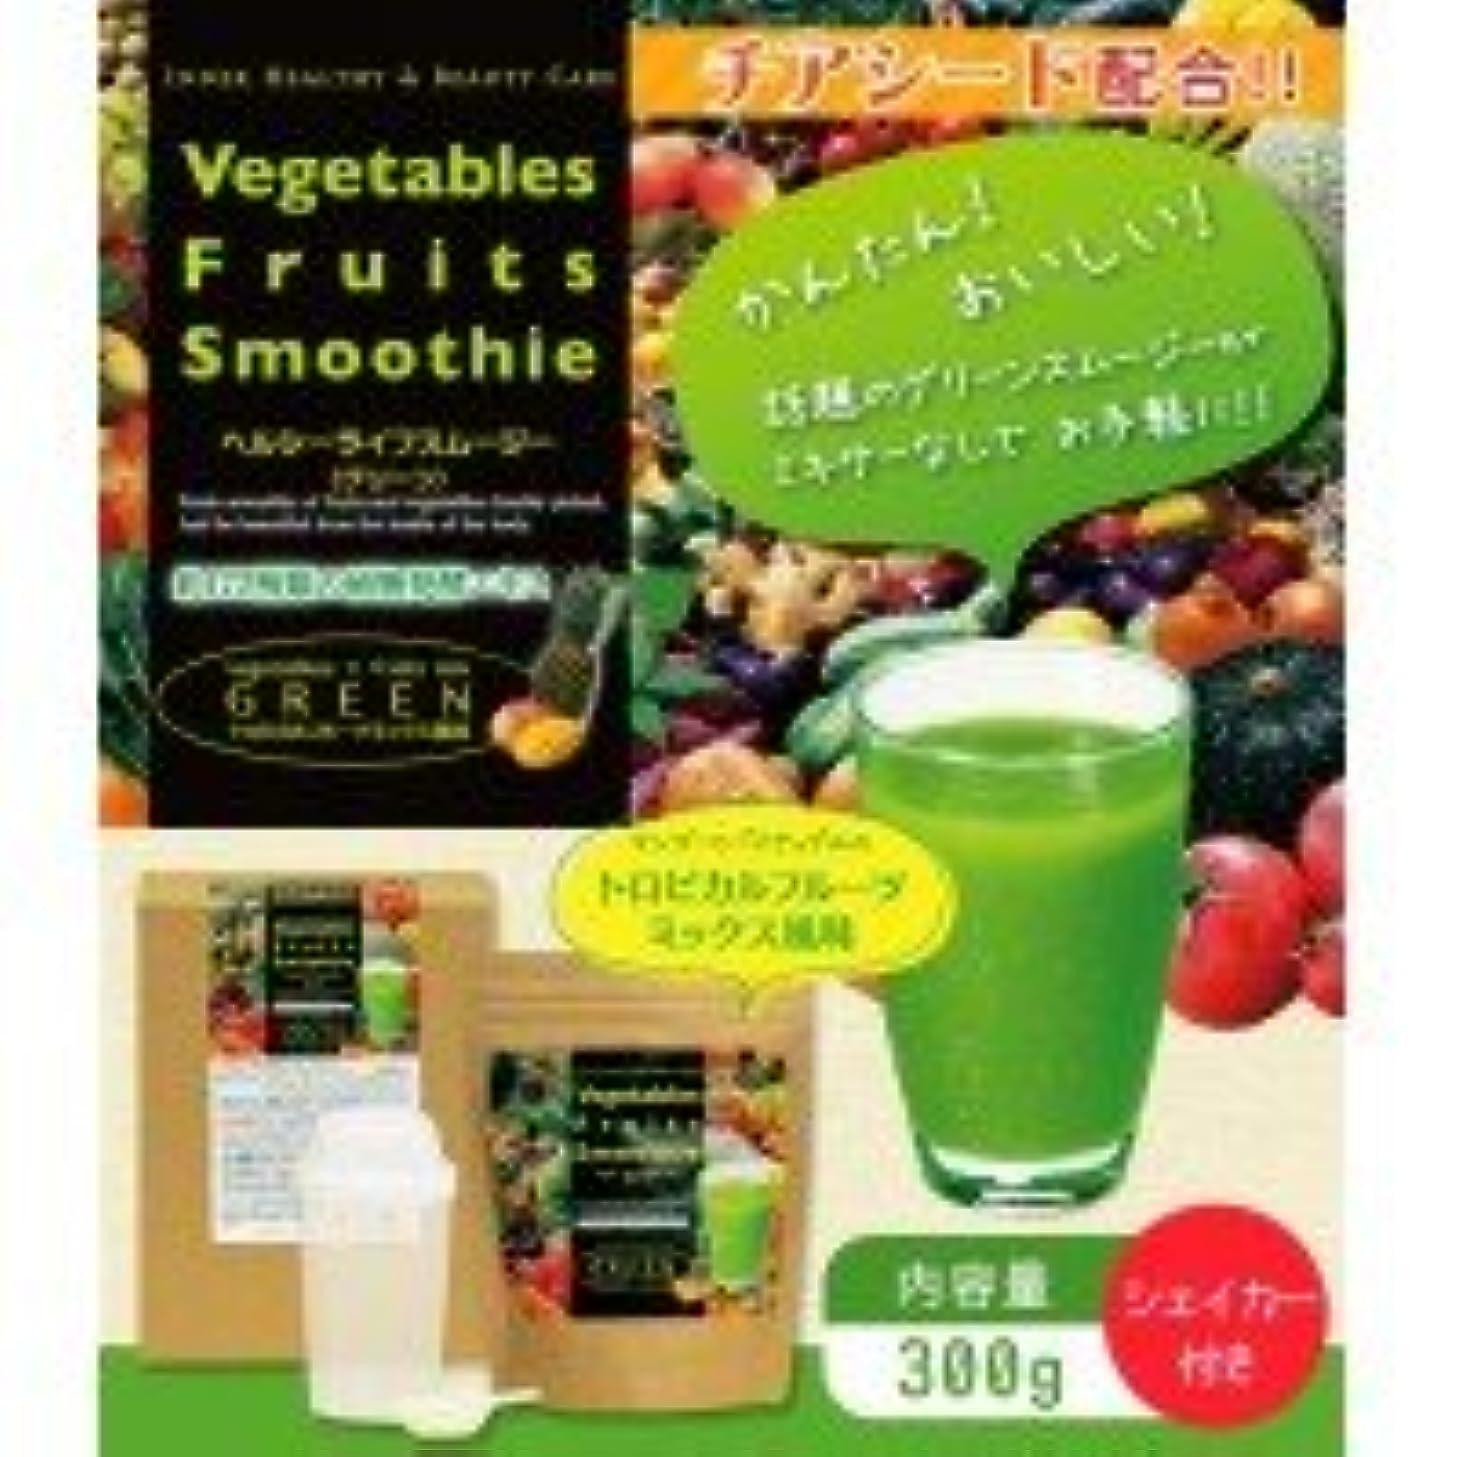 硬化するスナップ陰気Vegetables Fruits Smoothie ヘルシーライフスムージー(グリーン)トロピカルフルーツミックス味(300g シェイカー付) 日本製